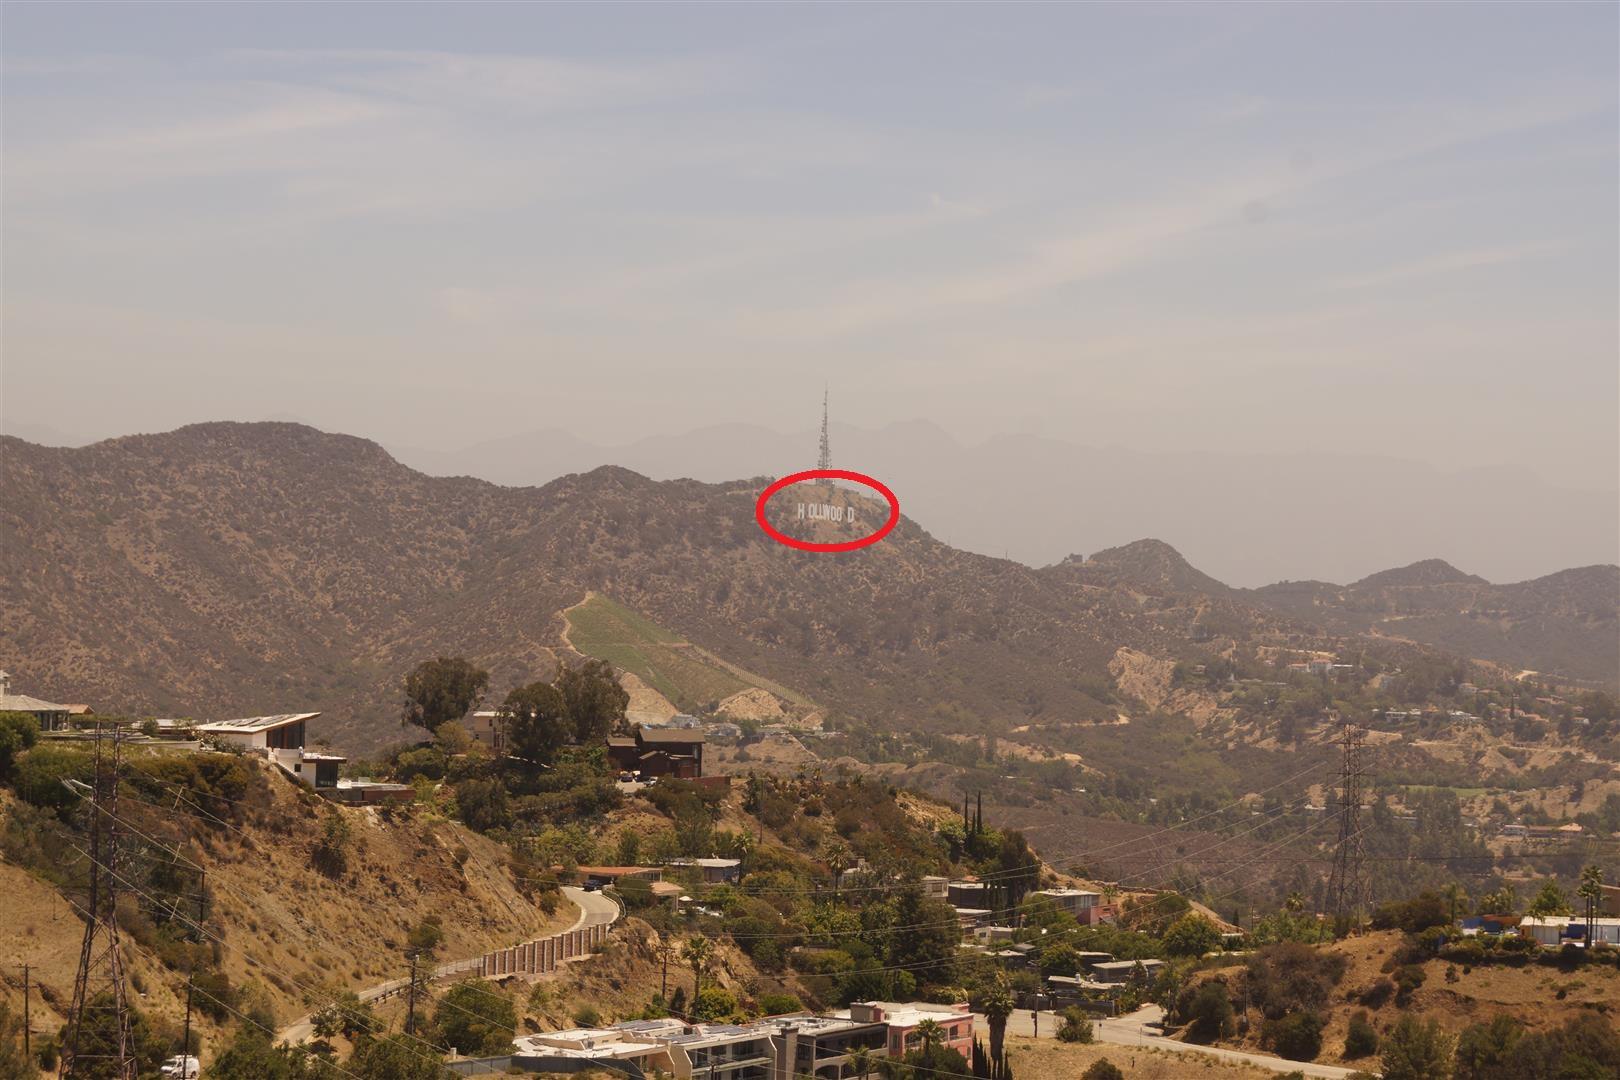 Hier unsere grandiose Aufnahme des Hollywood-Schilds. Damit ihr es auch nicht verpasst, haben wir es mal eingekringelt...